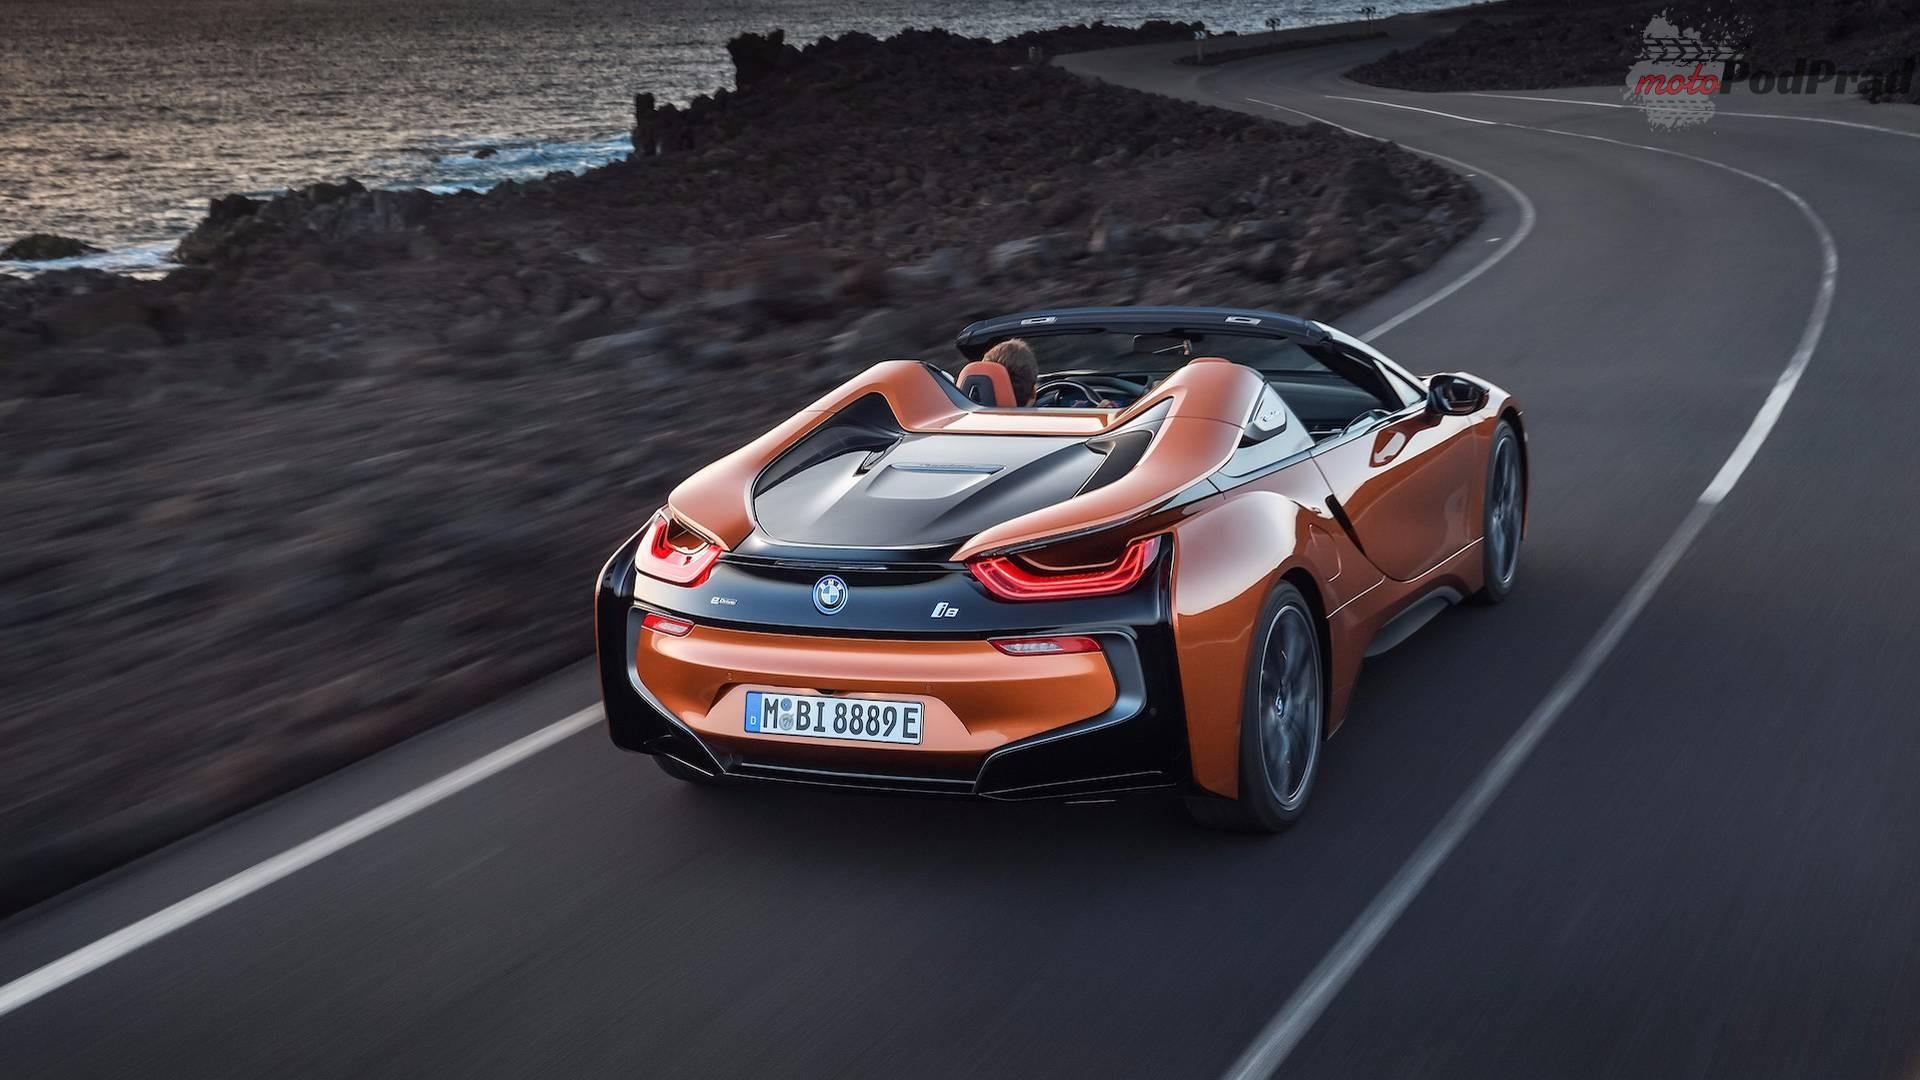 2019 bmw i8 roadster 1 BMW i8 bez dachu oficjalnie